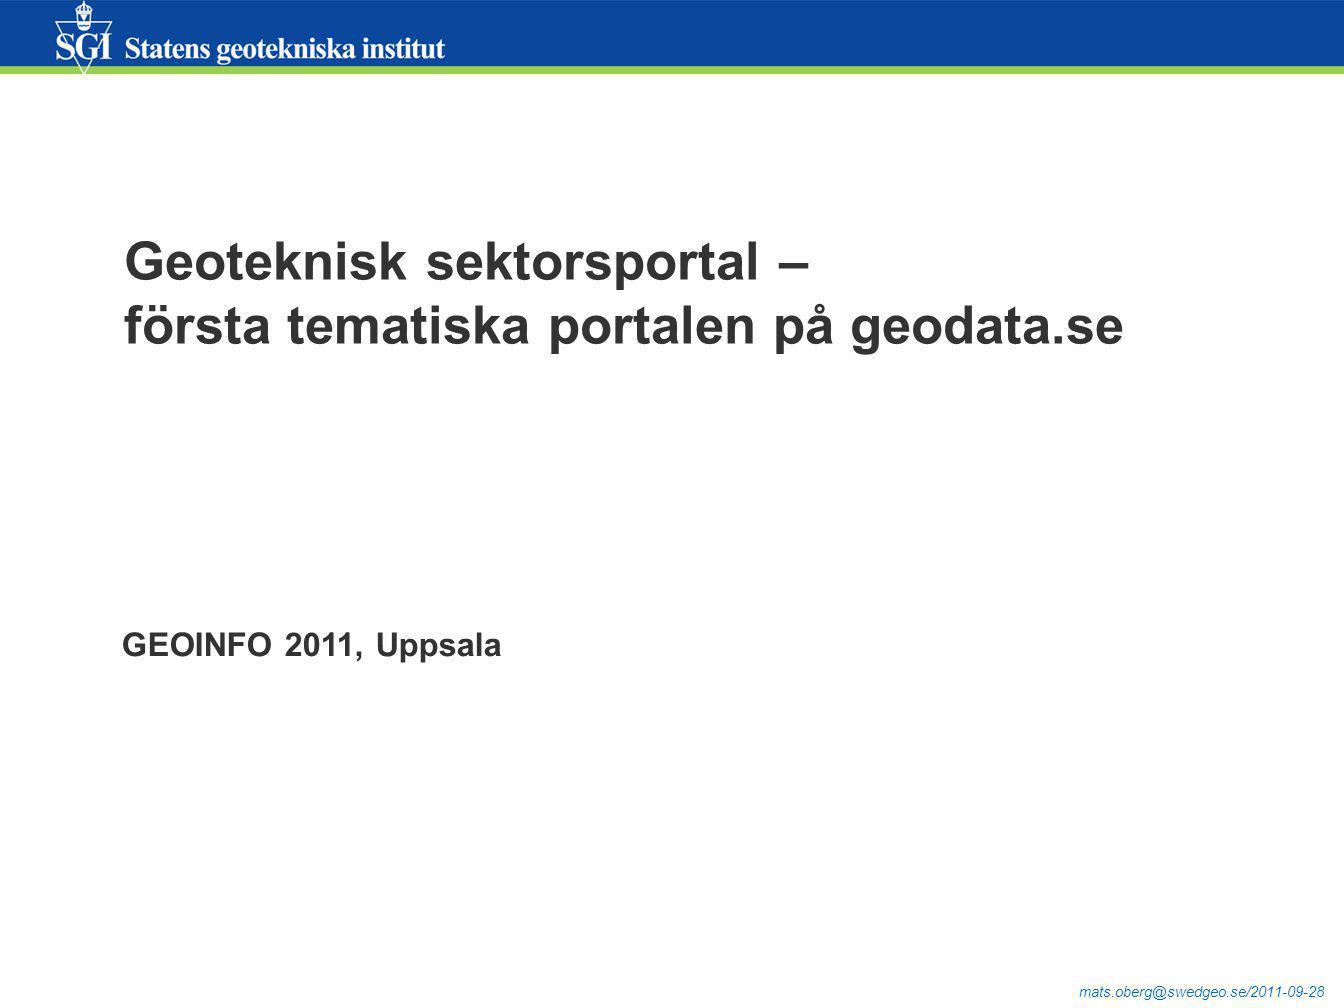 mats.oberg@swedgeo.se/2011-09-28 Geoteknisk sektorsportal – första tematiska portalen på geodata.se GEOINFO 2011, Uppsala